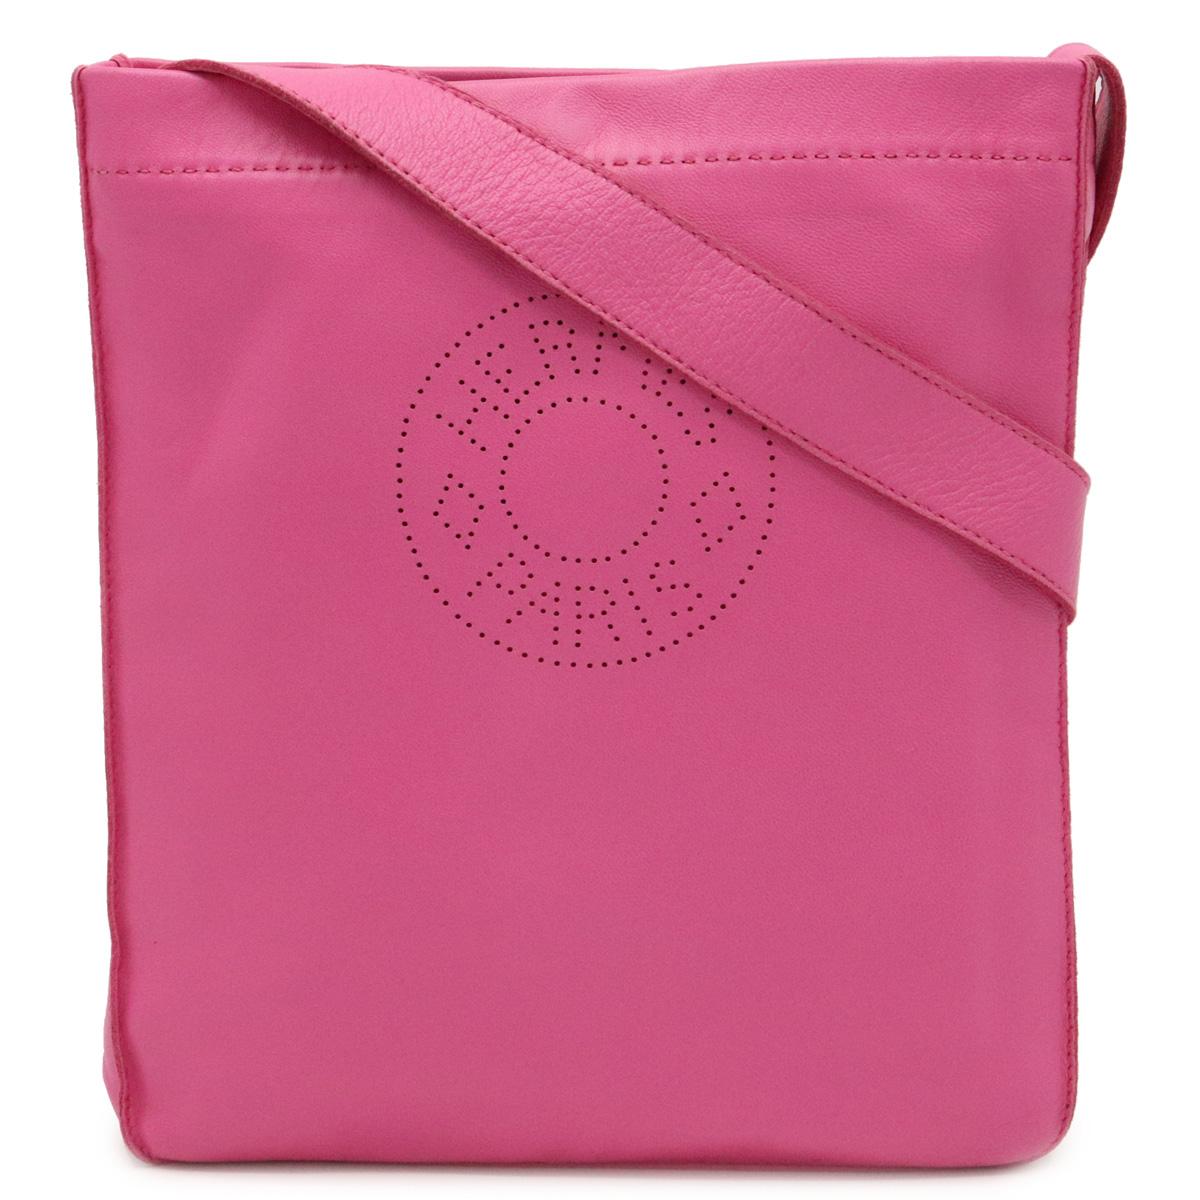 【バッグ】HERMES エルメス クルードセル ショルダーバッグ 斜め掛け ポシェット ラムスキン ピンク □O刻印 【中古】